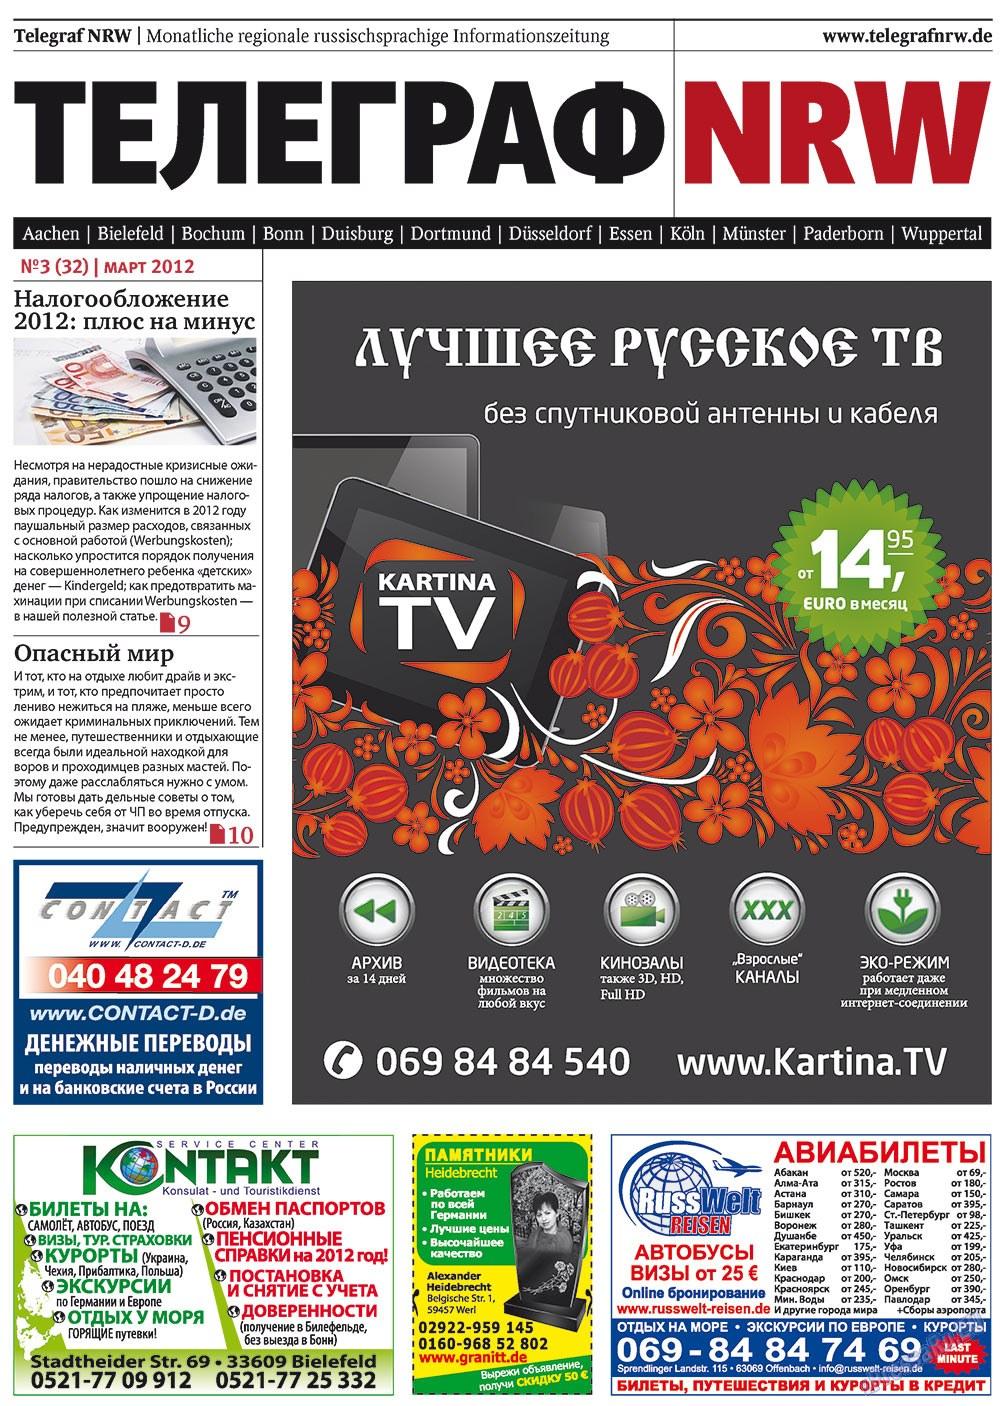 Телеграф NRW (газета). 2012 год, номер 3, стр. 1